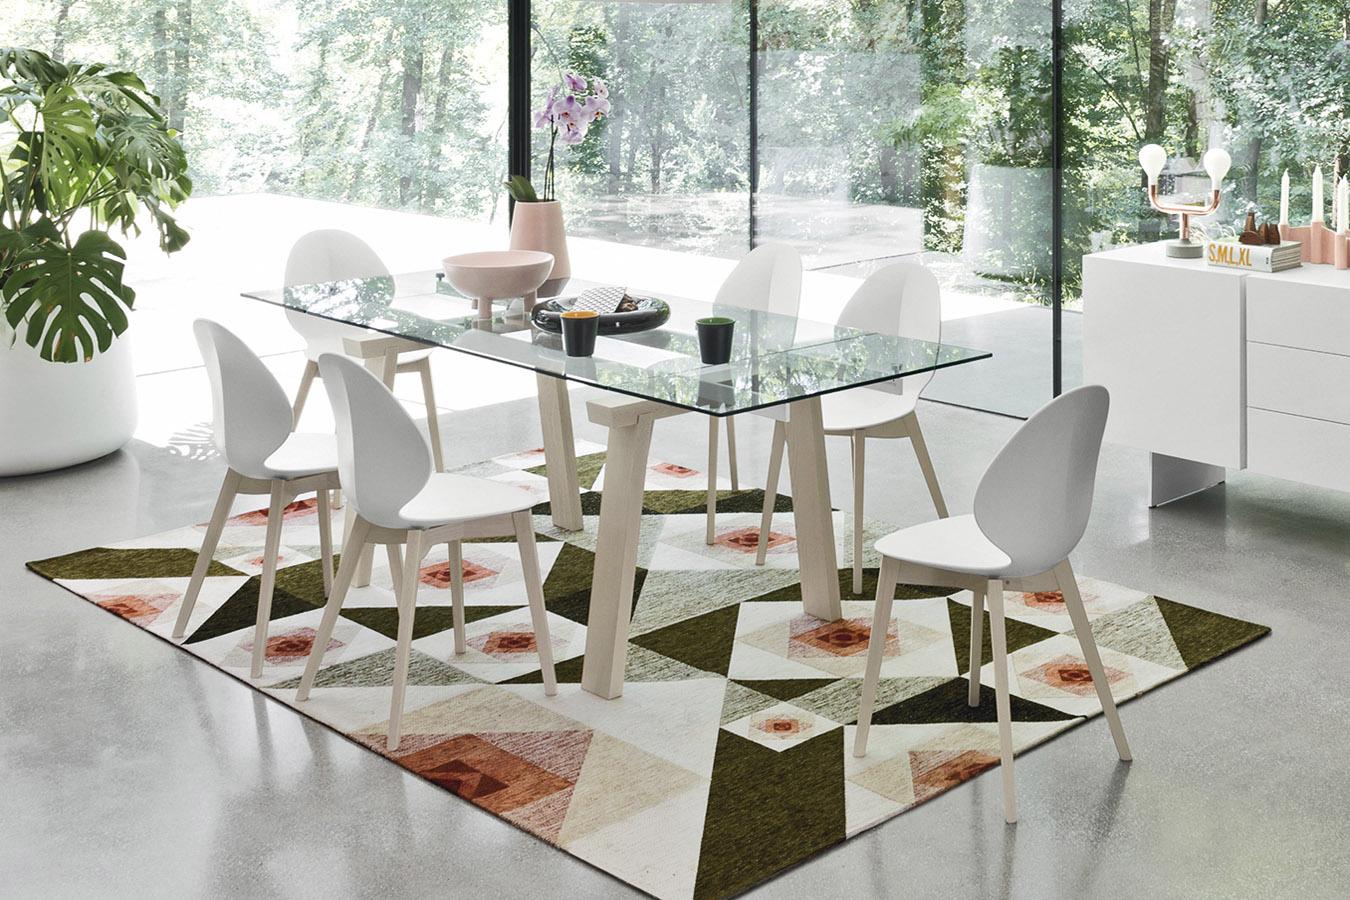 Tavolo levante di calligaris righetti mobili novara for Calligaris mobili